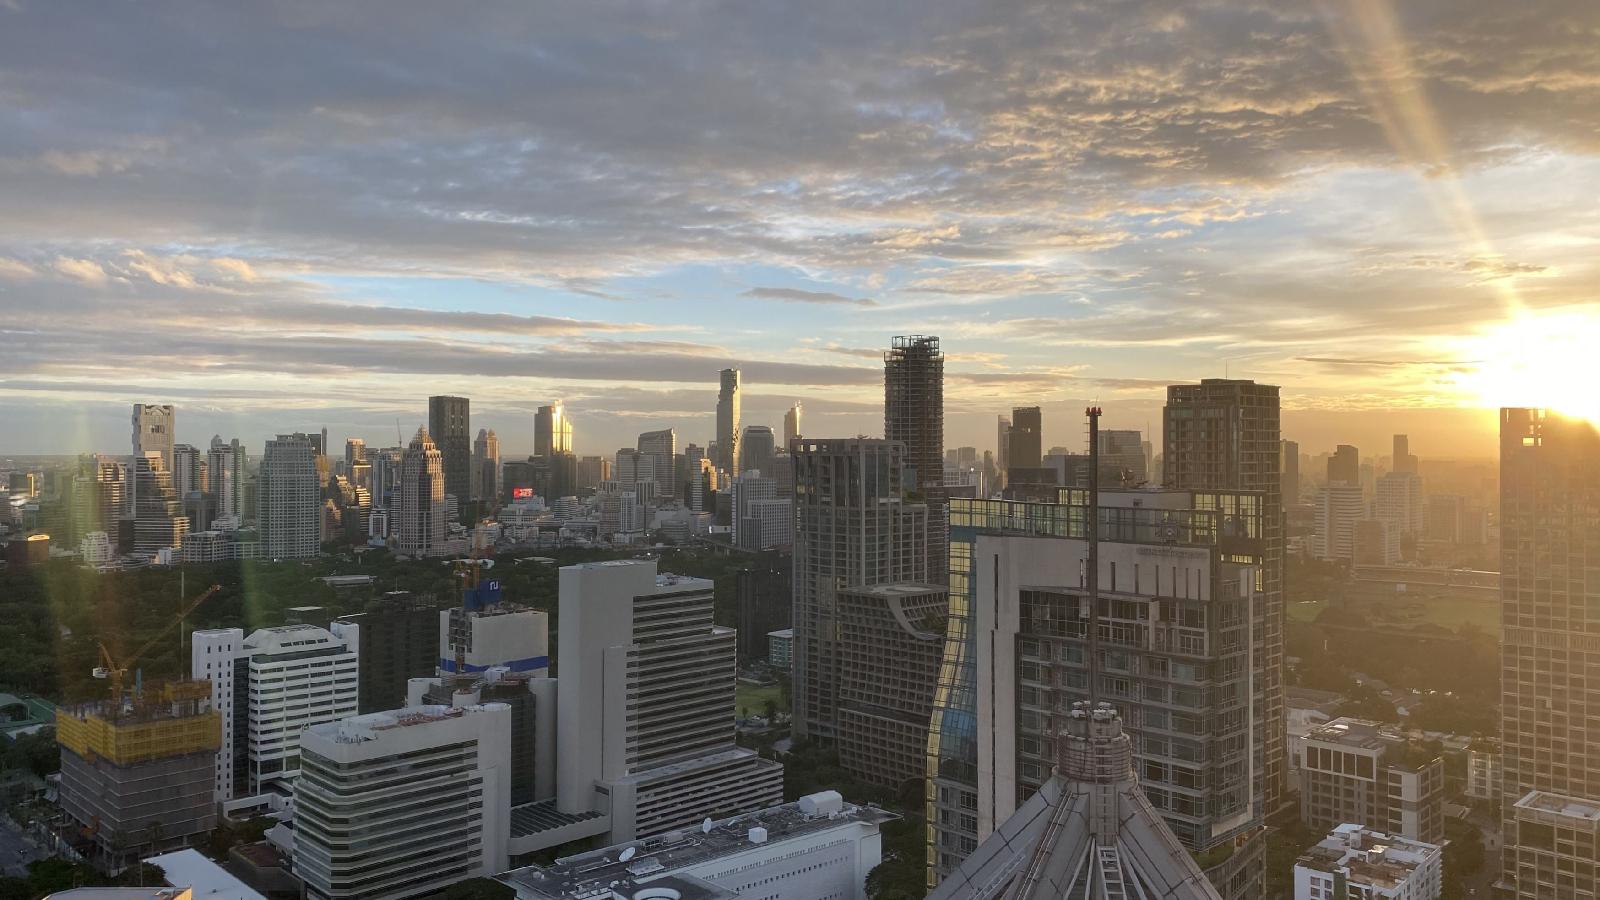 Microsoft แนะองค์กรไทยรับมือยุคโควิด ปรับธุรกิจสู่ดิจิทัลเต็มรูปแบบชี้การเลือกพาร์ทเนอร์ด้านเทคโนโลยีคือตัวเร่งขับเคลื่อนความสำเร็จ